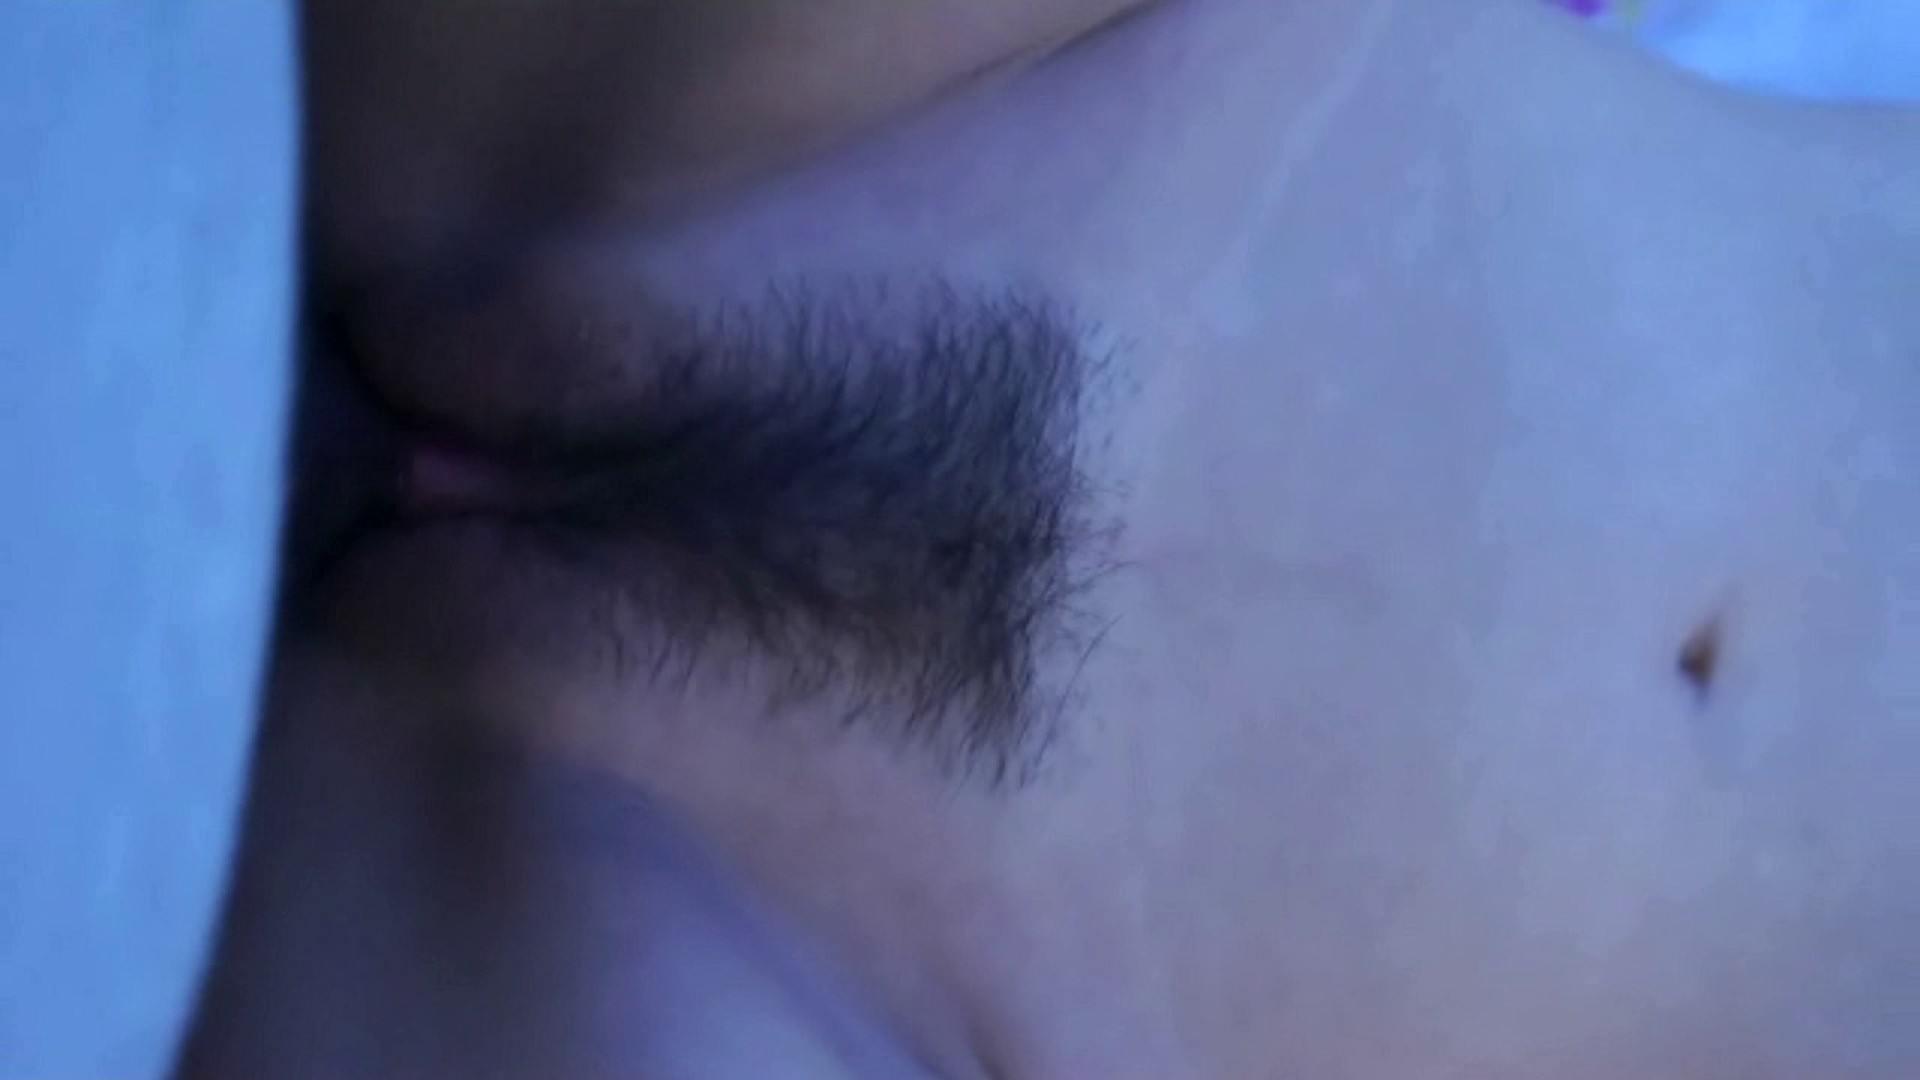 vol.21 久しぶりに味わったまどかの体 いじくり | セックスする女性達  68画像 5